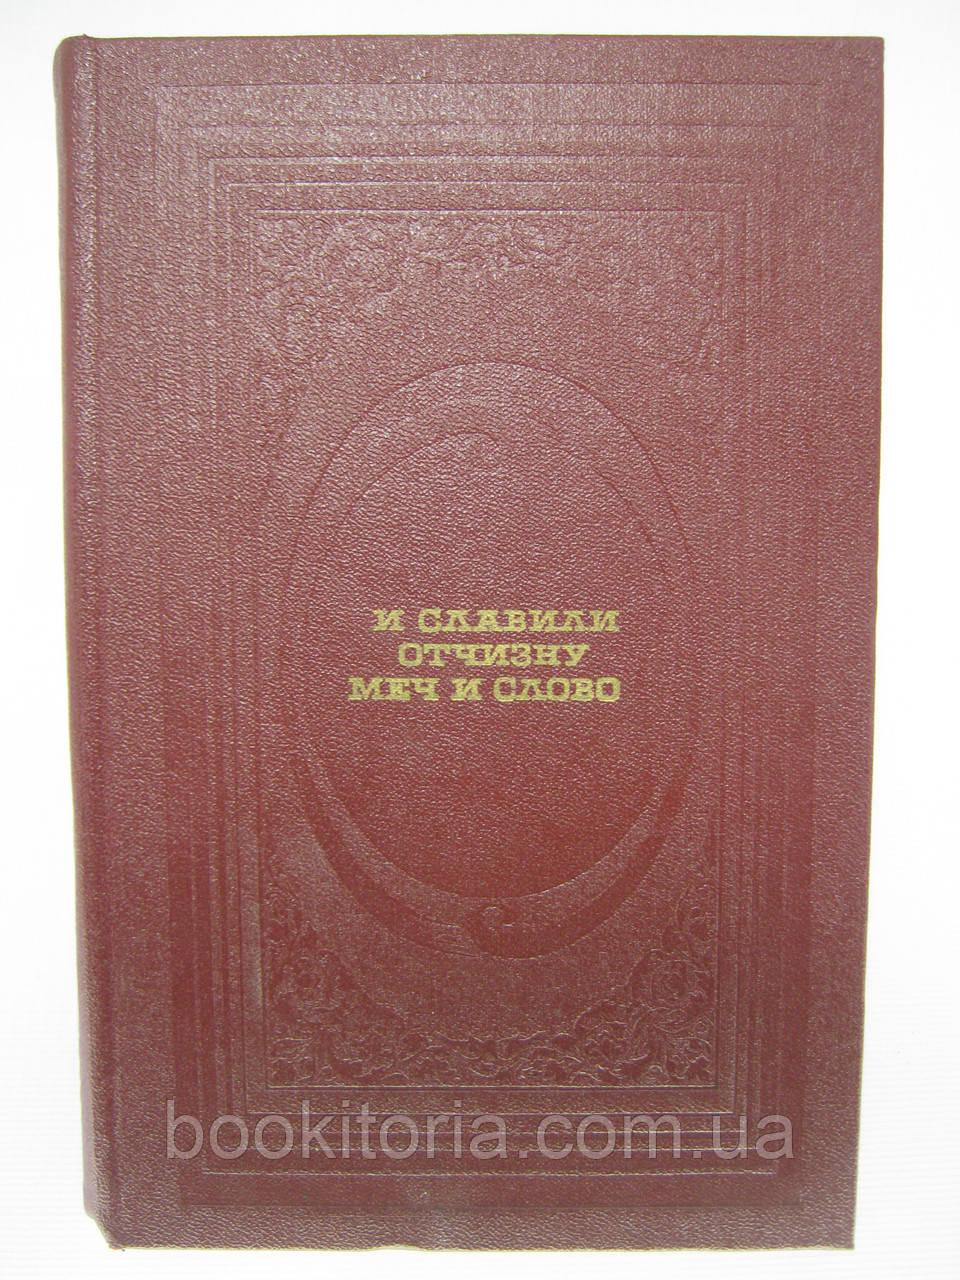 И славили Отчизну меч и слово. 1812 год глазами очевидцев. Поэзия и проза (б/у).